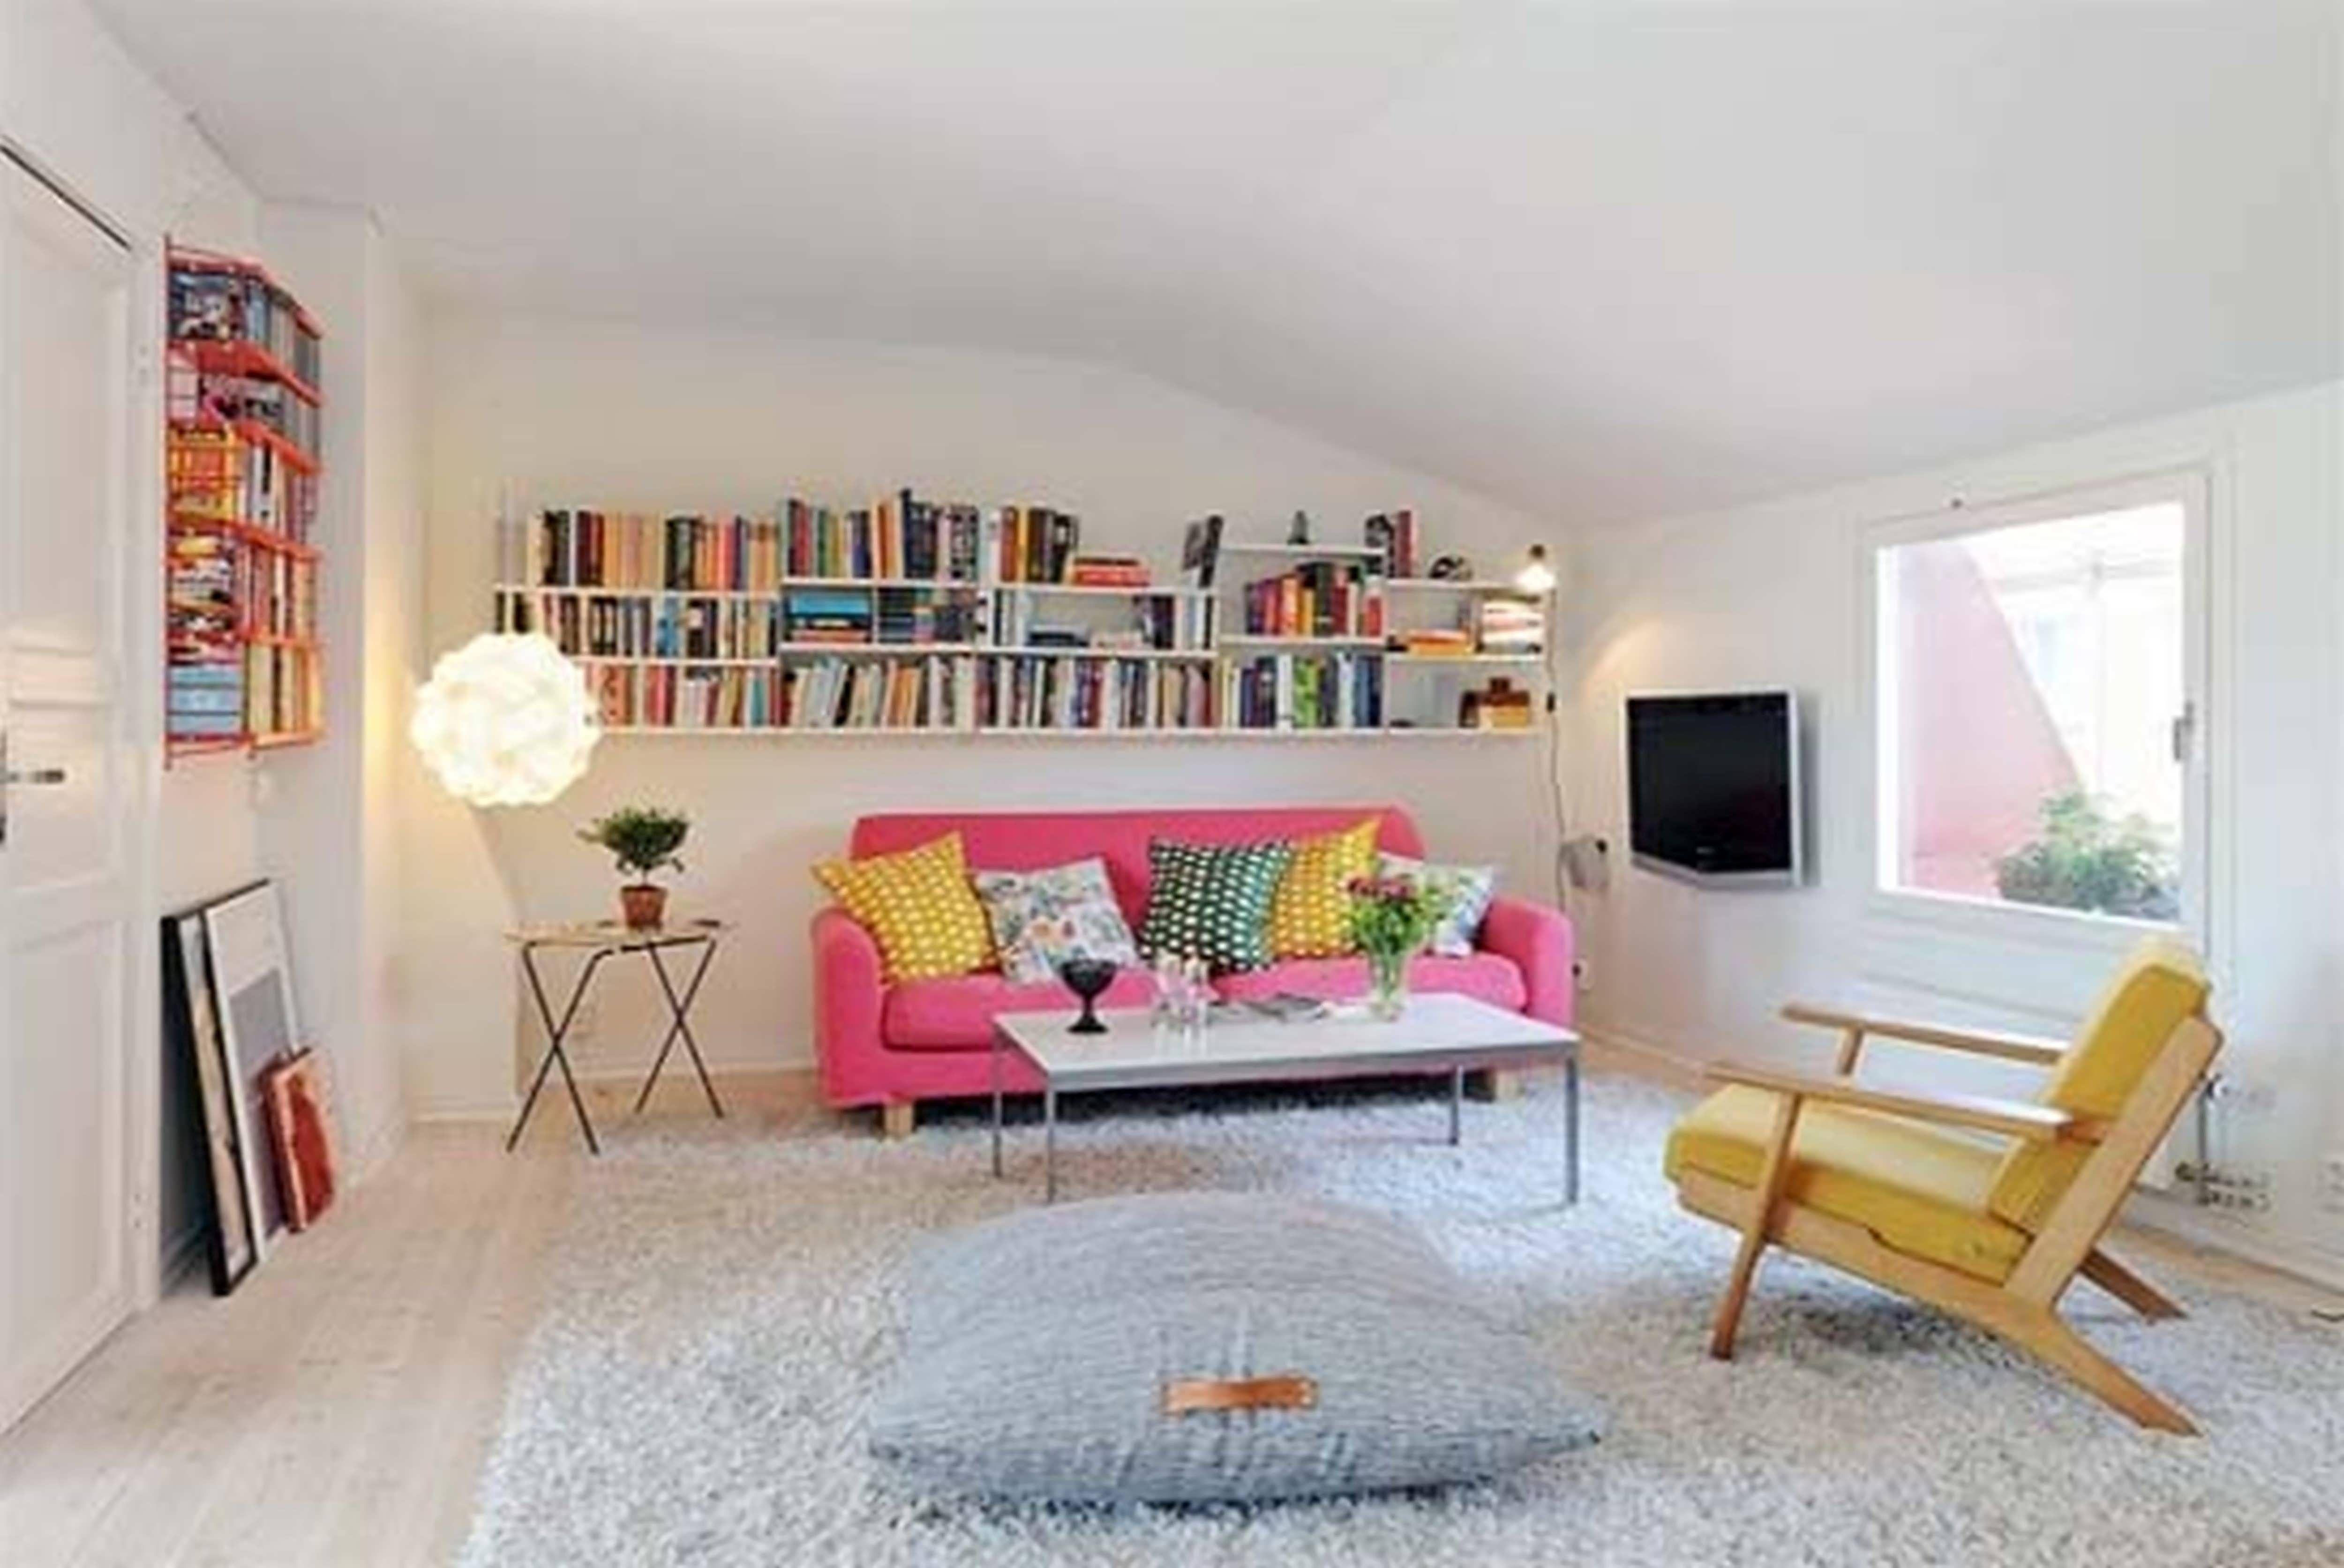 More 5 Elegant Cute One Bedroom Apartment Ideas Small Apartment Decorating Studio Apartment Decorating Simple Apartment Decor